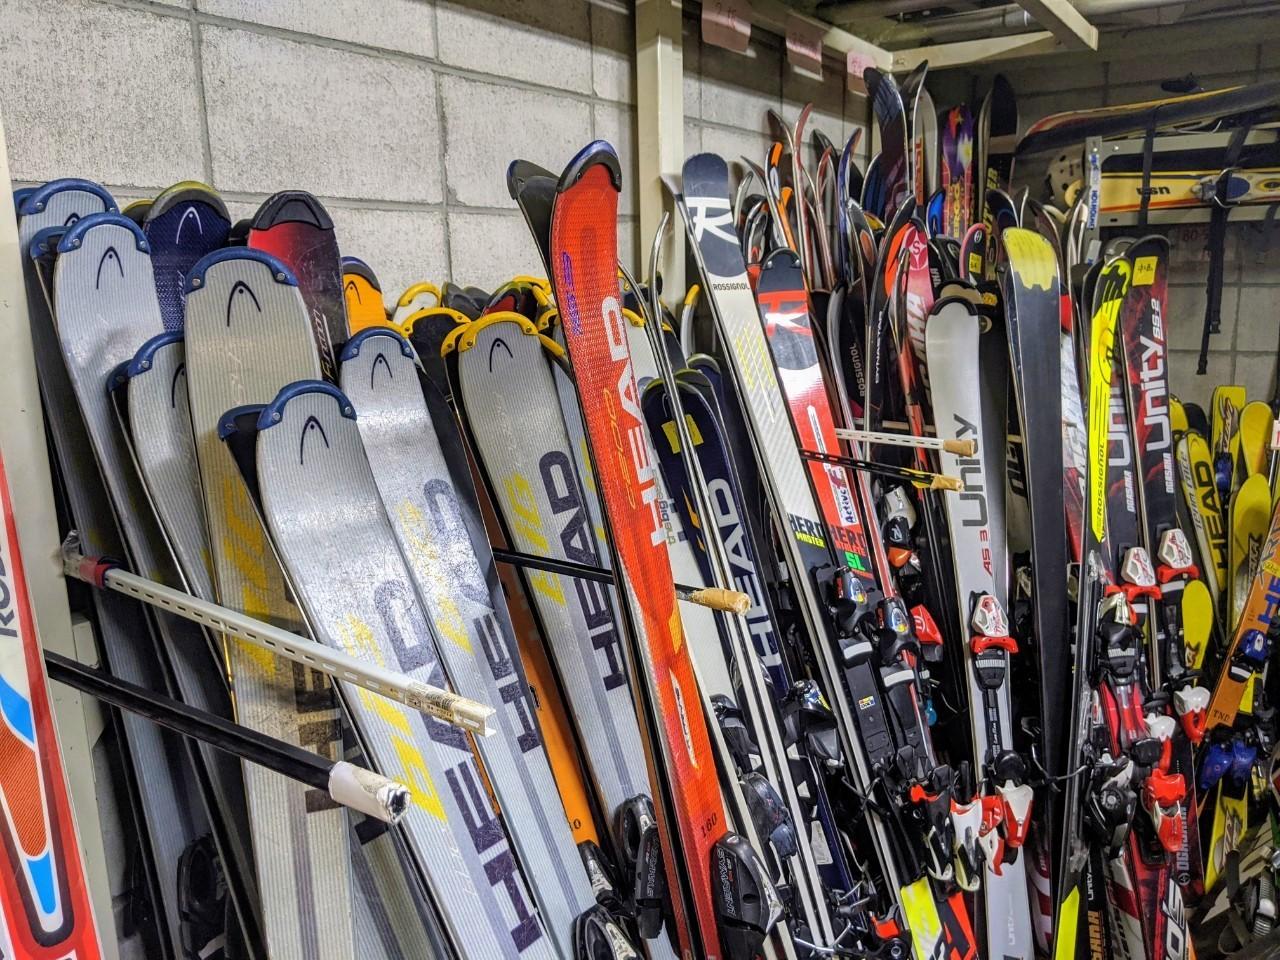 In-house Rental & Nearby Ski School